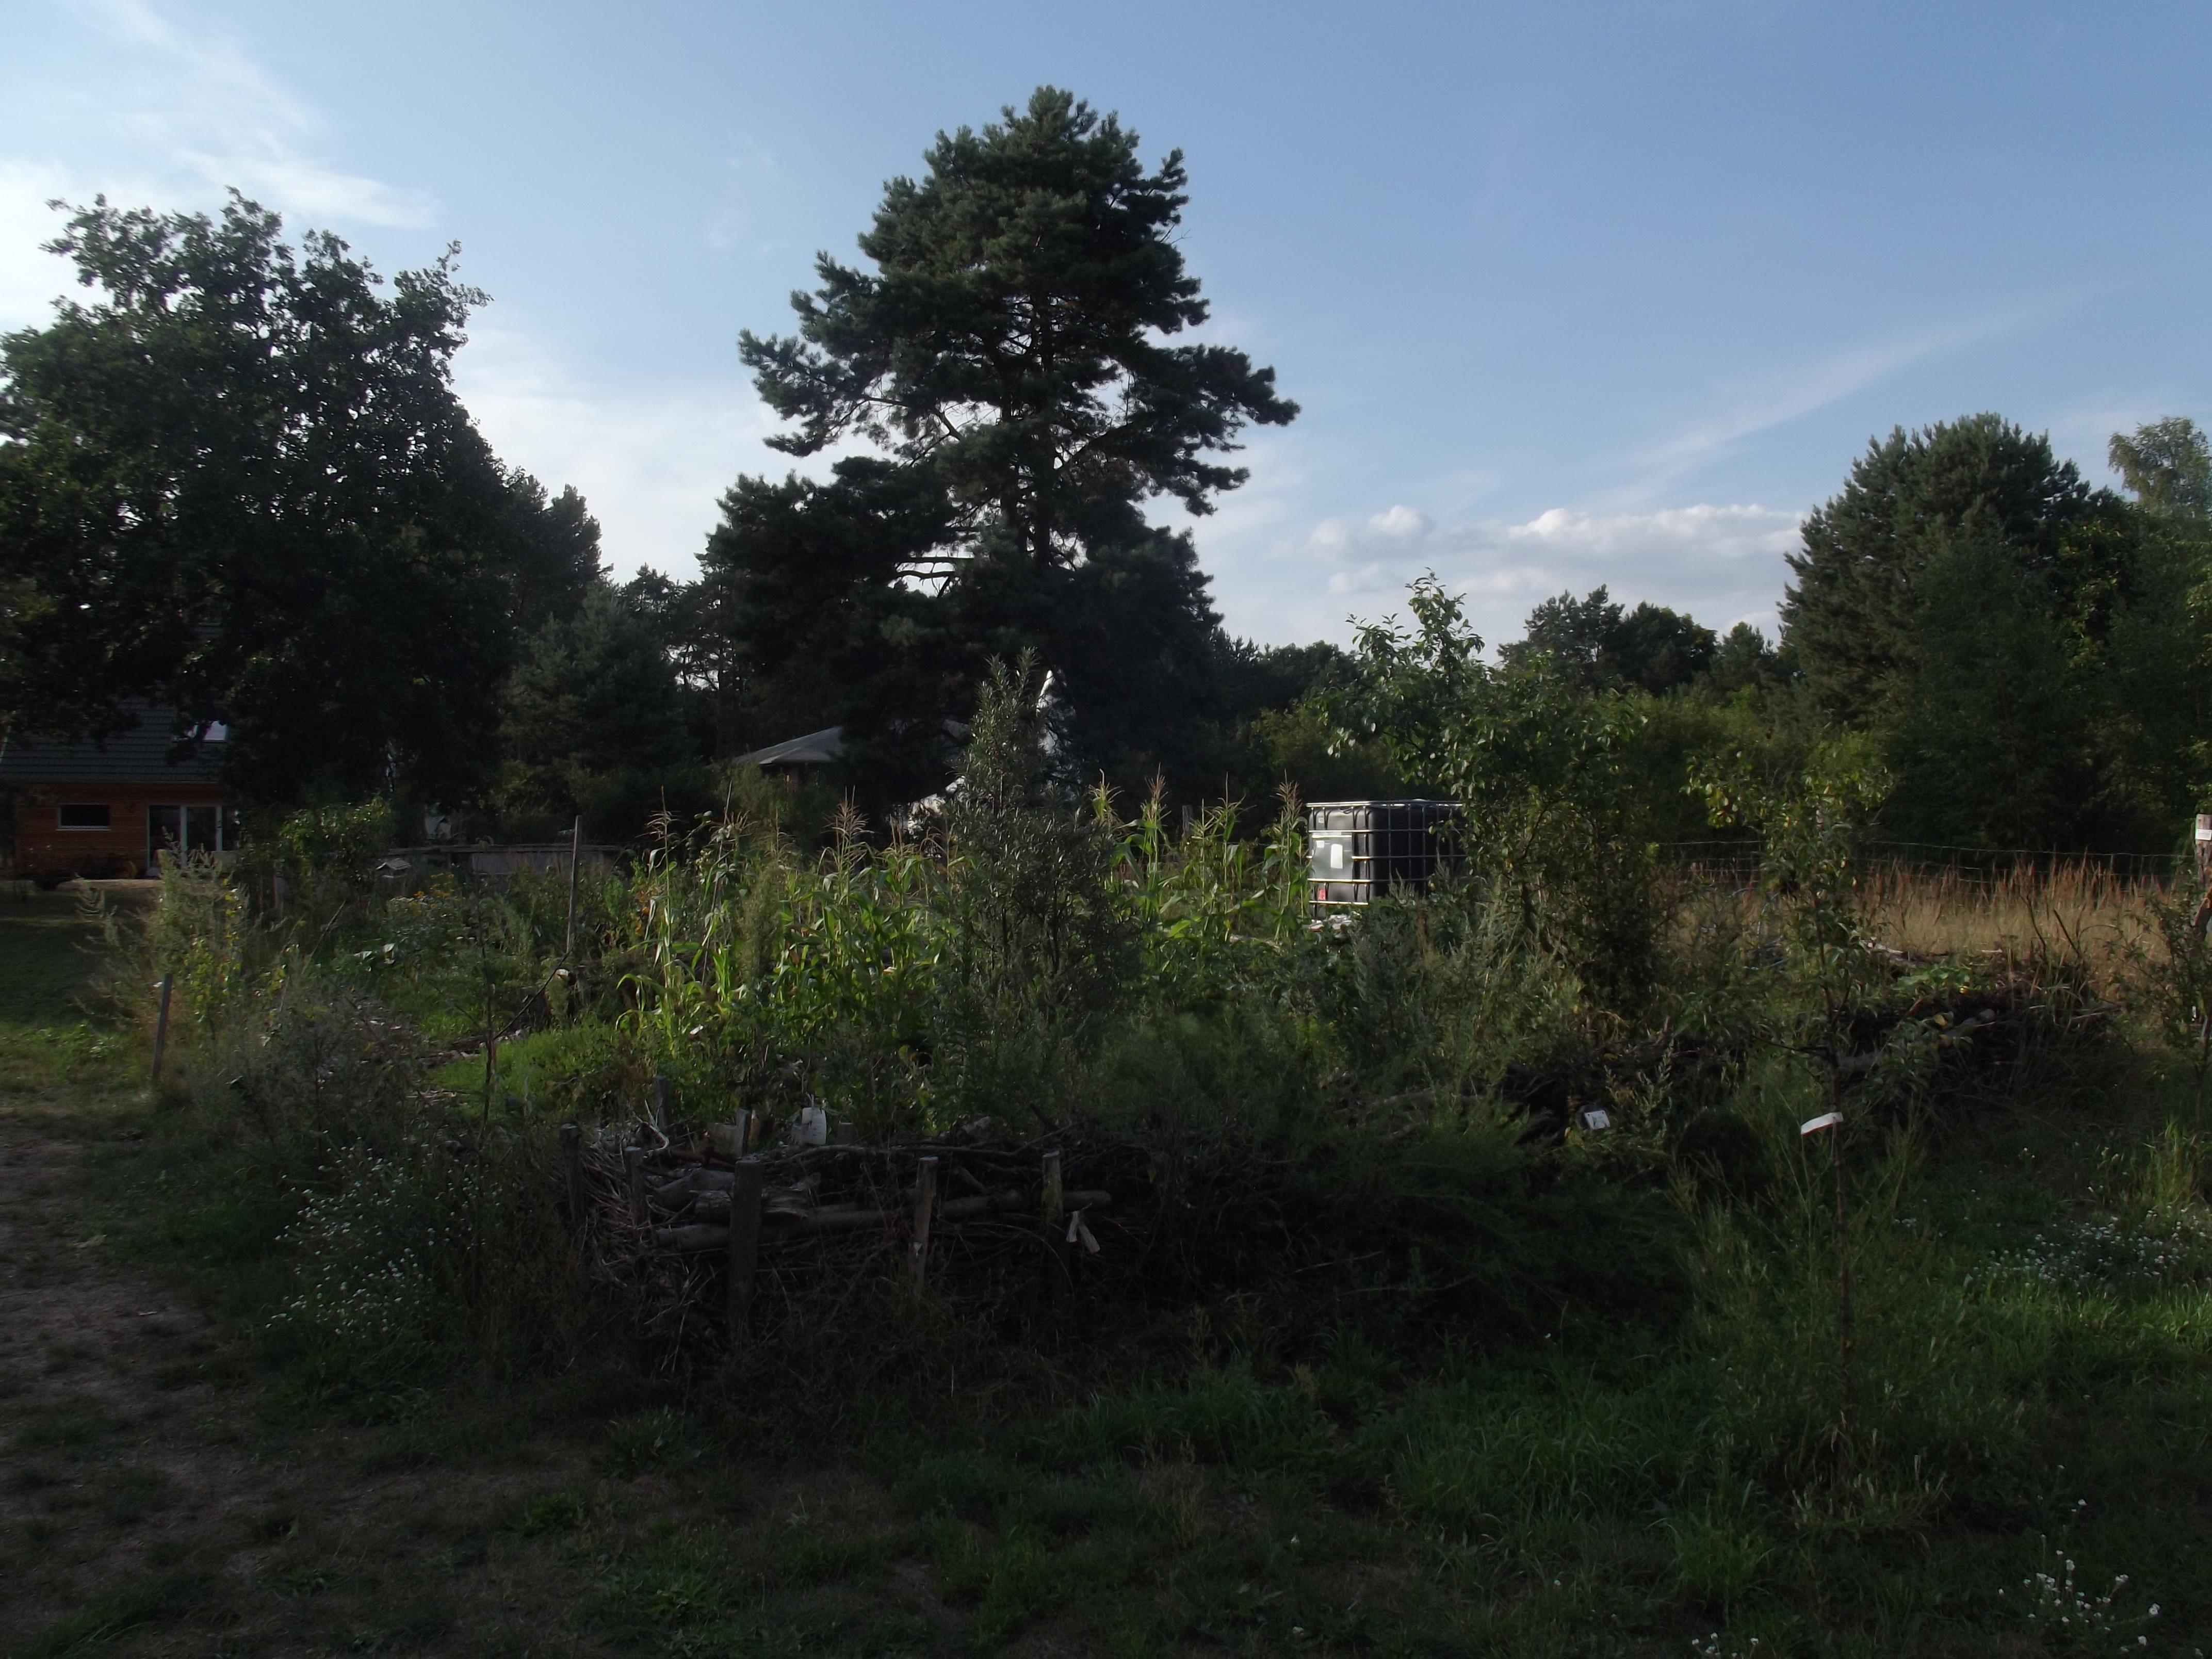 Blick auf Anbaufläche